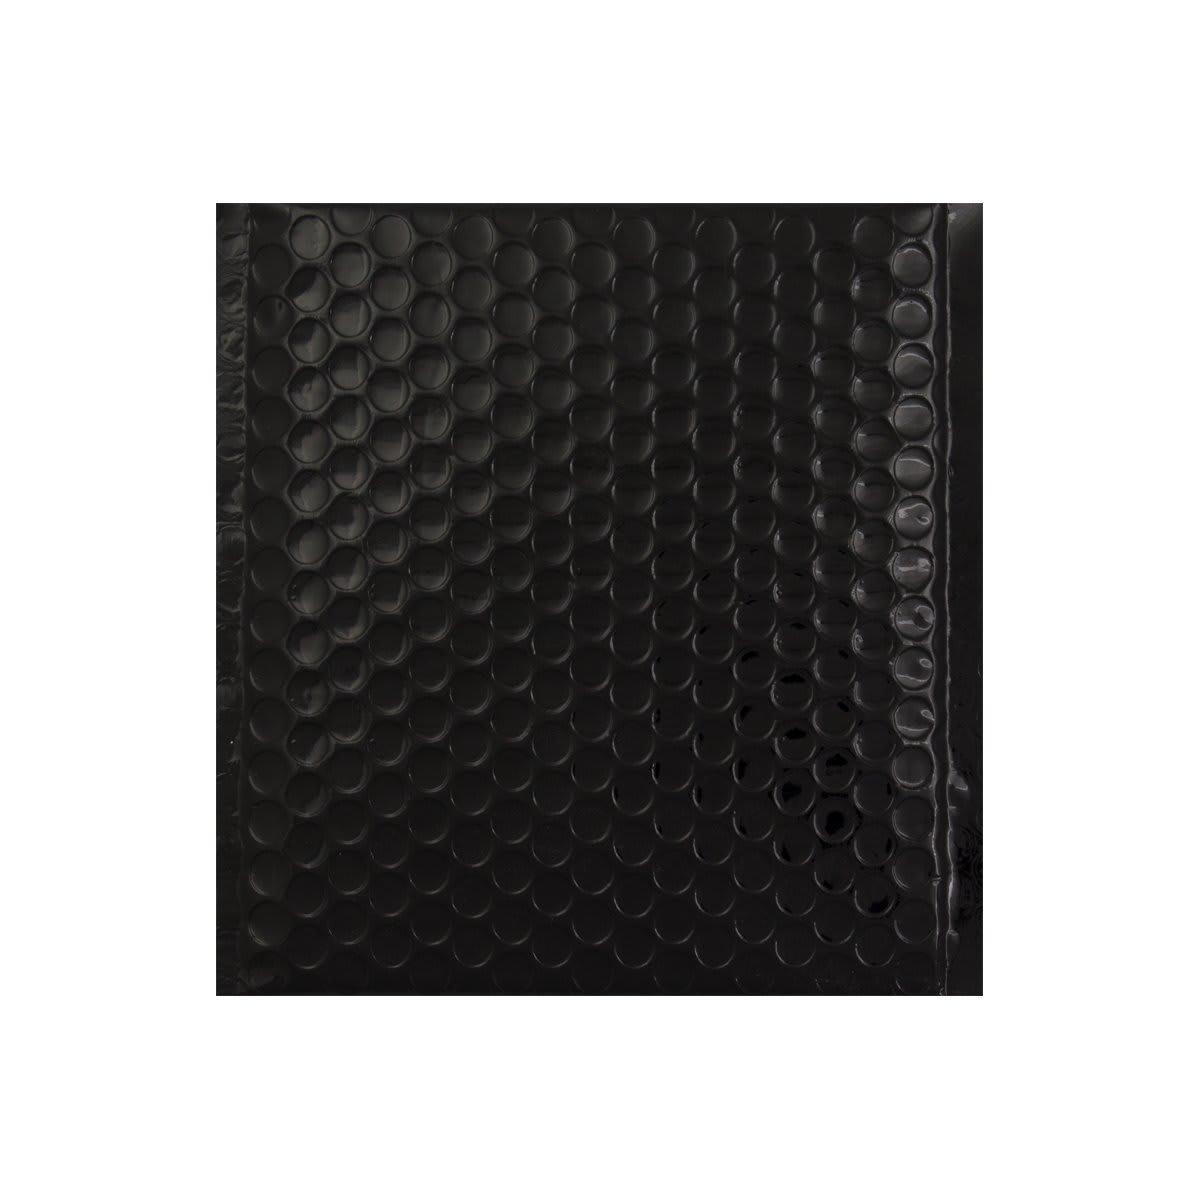 165 x 140mm GLOSS METALLIC BLACK PADDED ENVELOPES